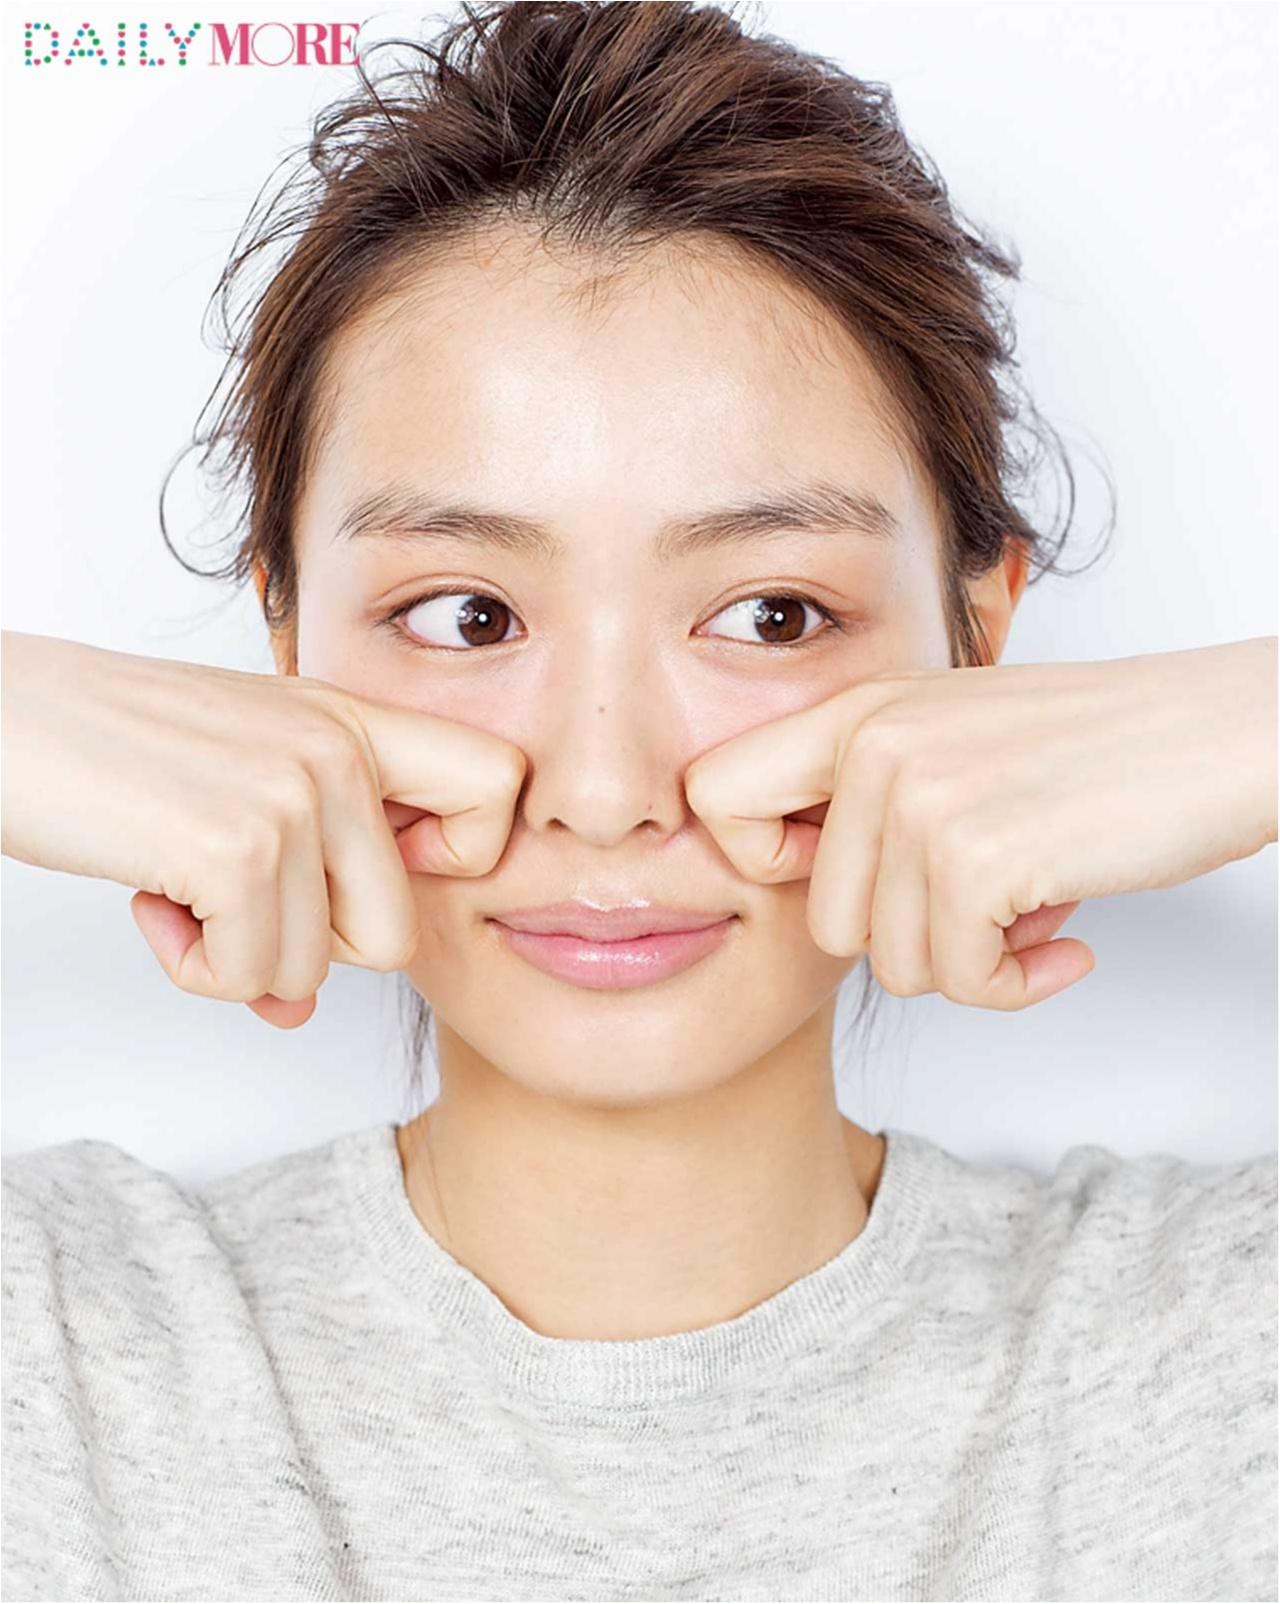 おどろきの小顔に♡ ヘア&メイク小田切ヒロの「別人級セルフコルギ」<ほお&えら編>_8